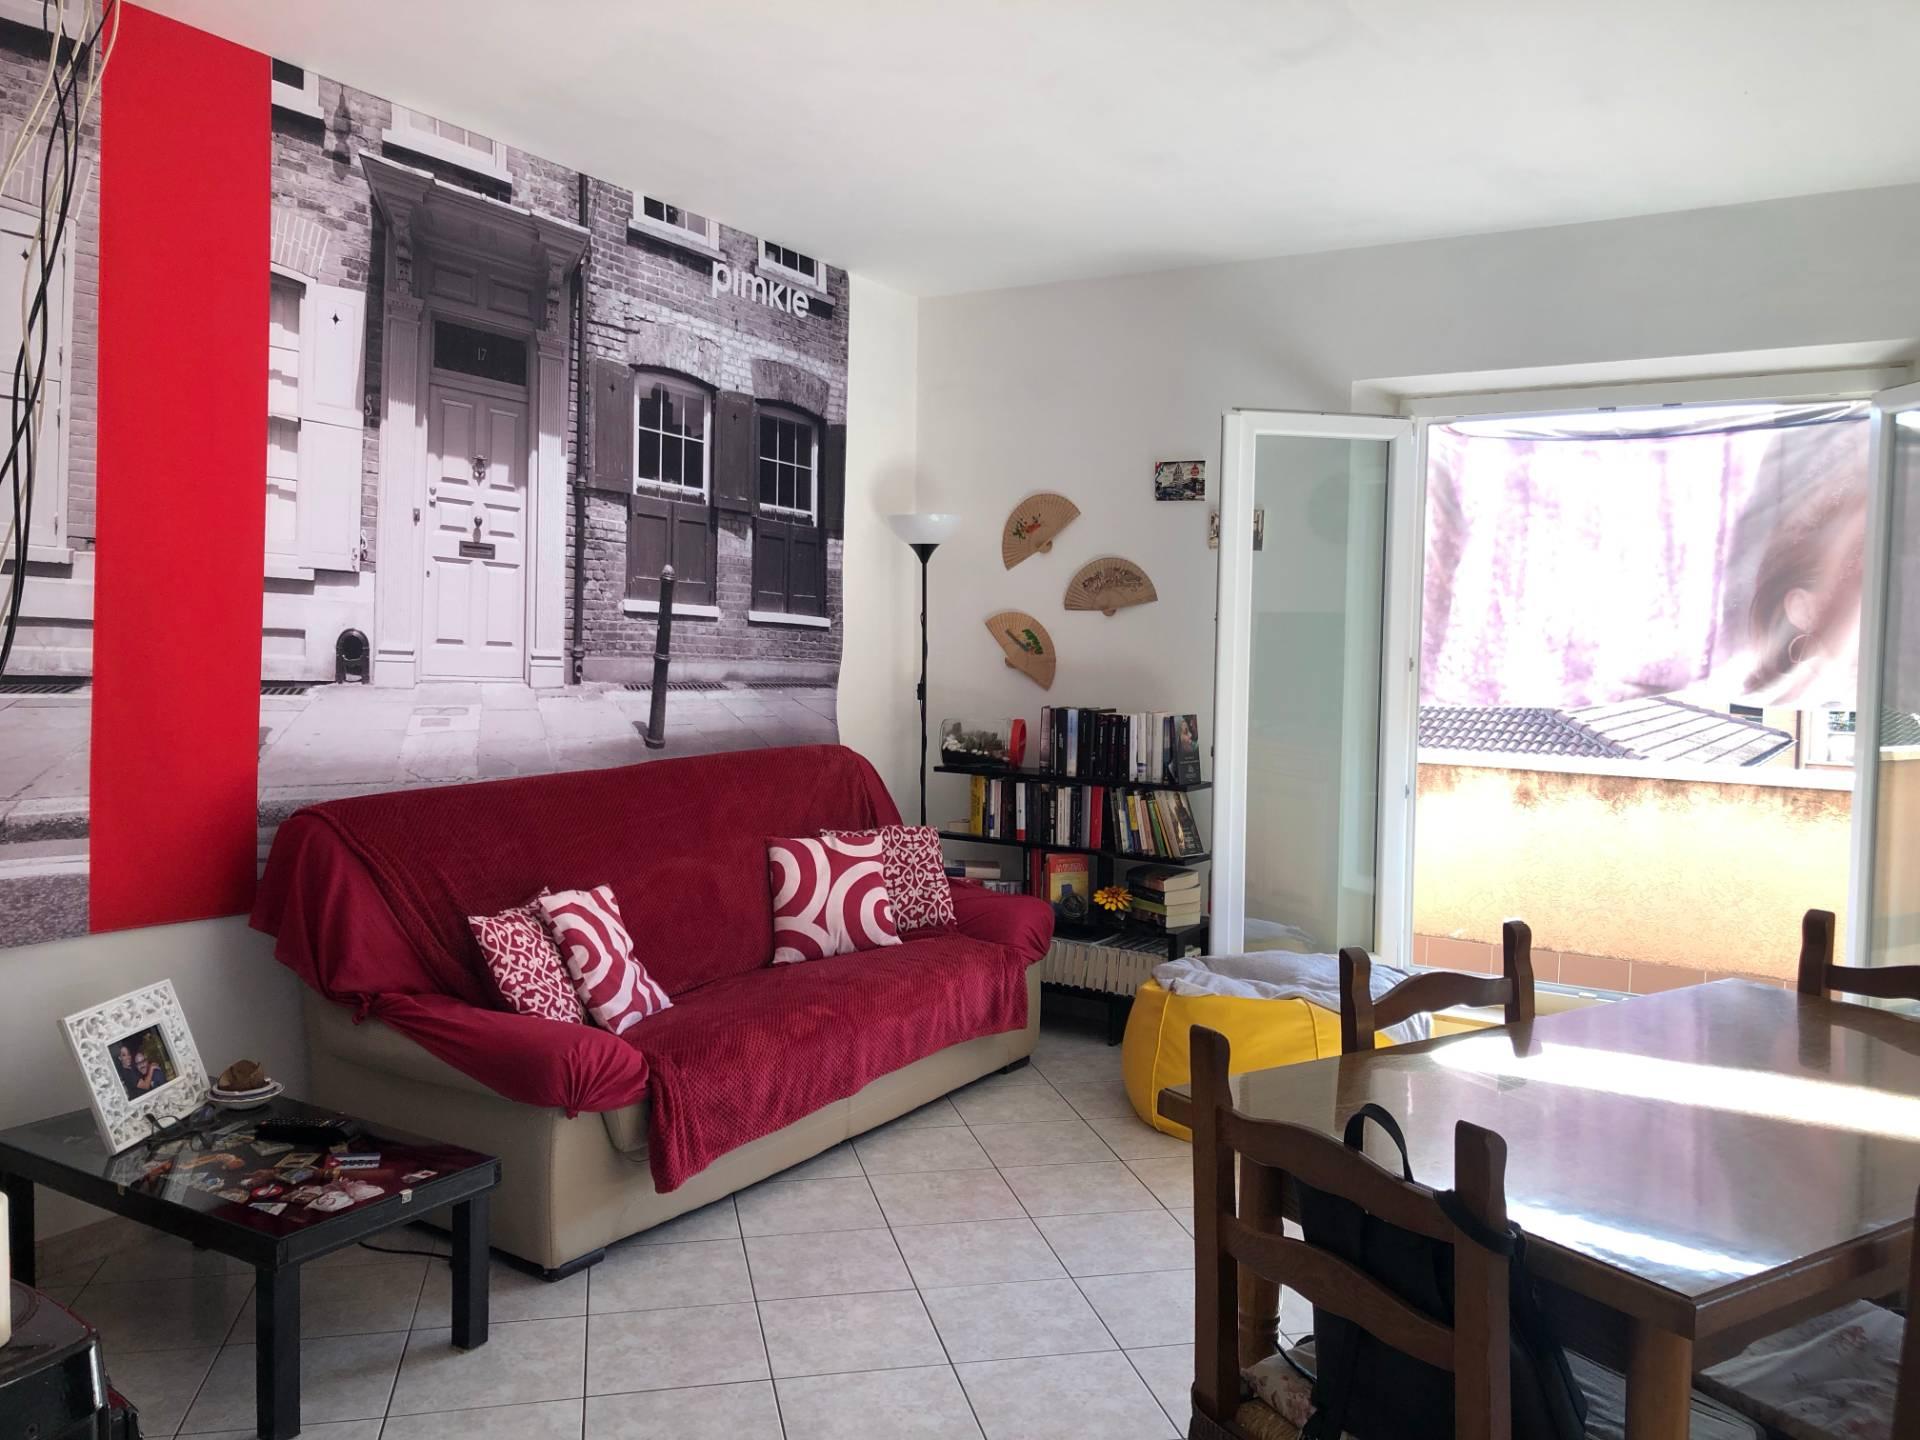 Appartamento in vendita a Servigliano, 7 locali, prezzo € 75.000 | CambioCasa.it